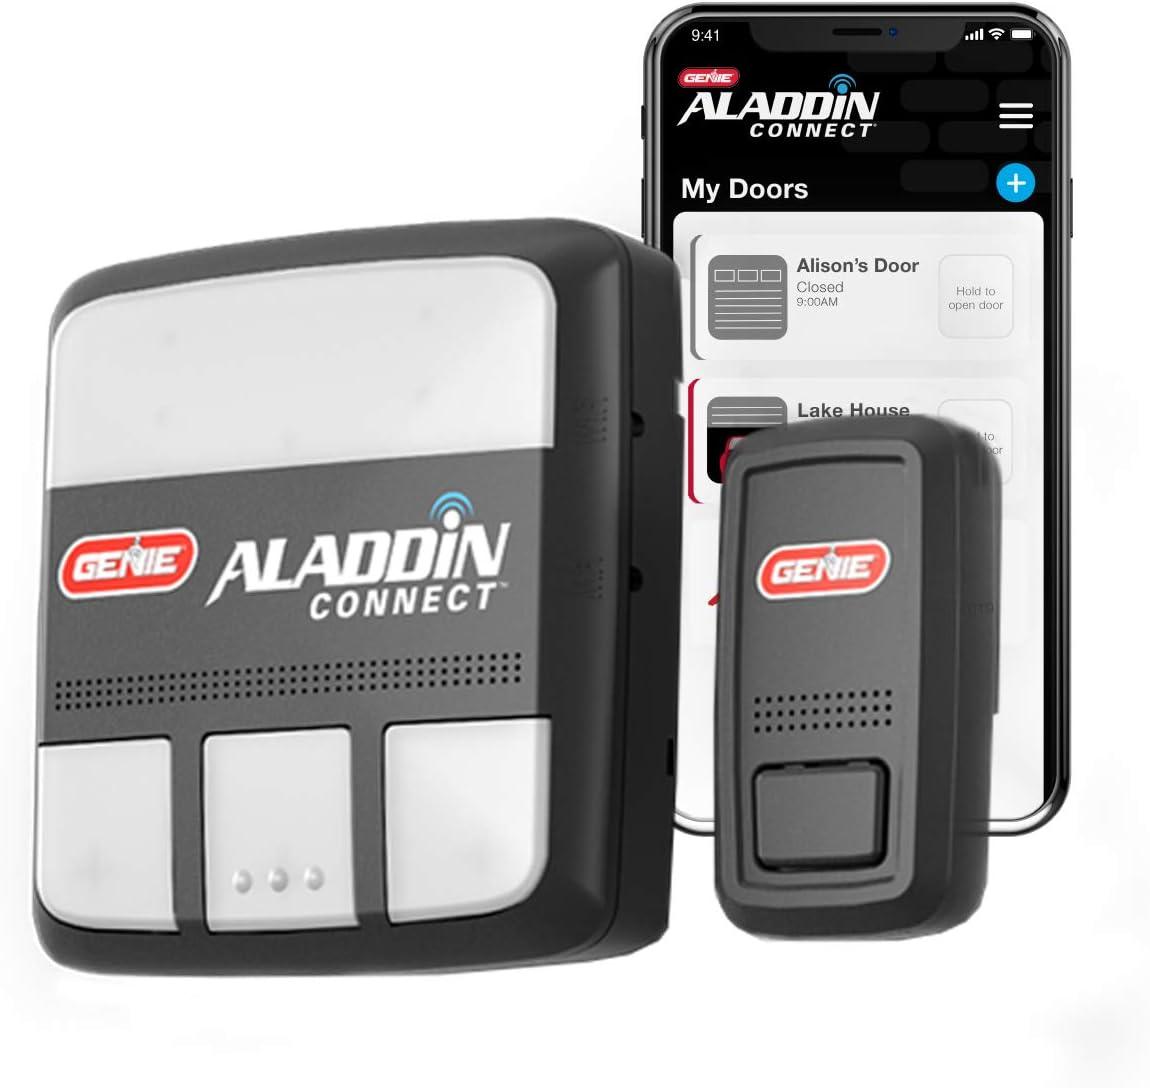 Genie ALKT1-R Aladdin Connect Smart Garage Door Opener, Kit, Works with Alexa Google Assistant